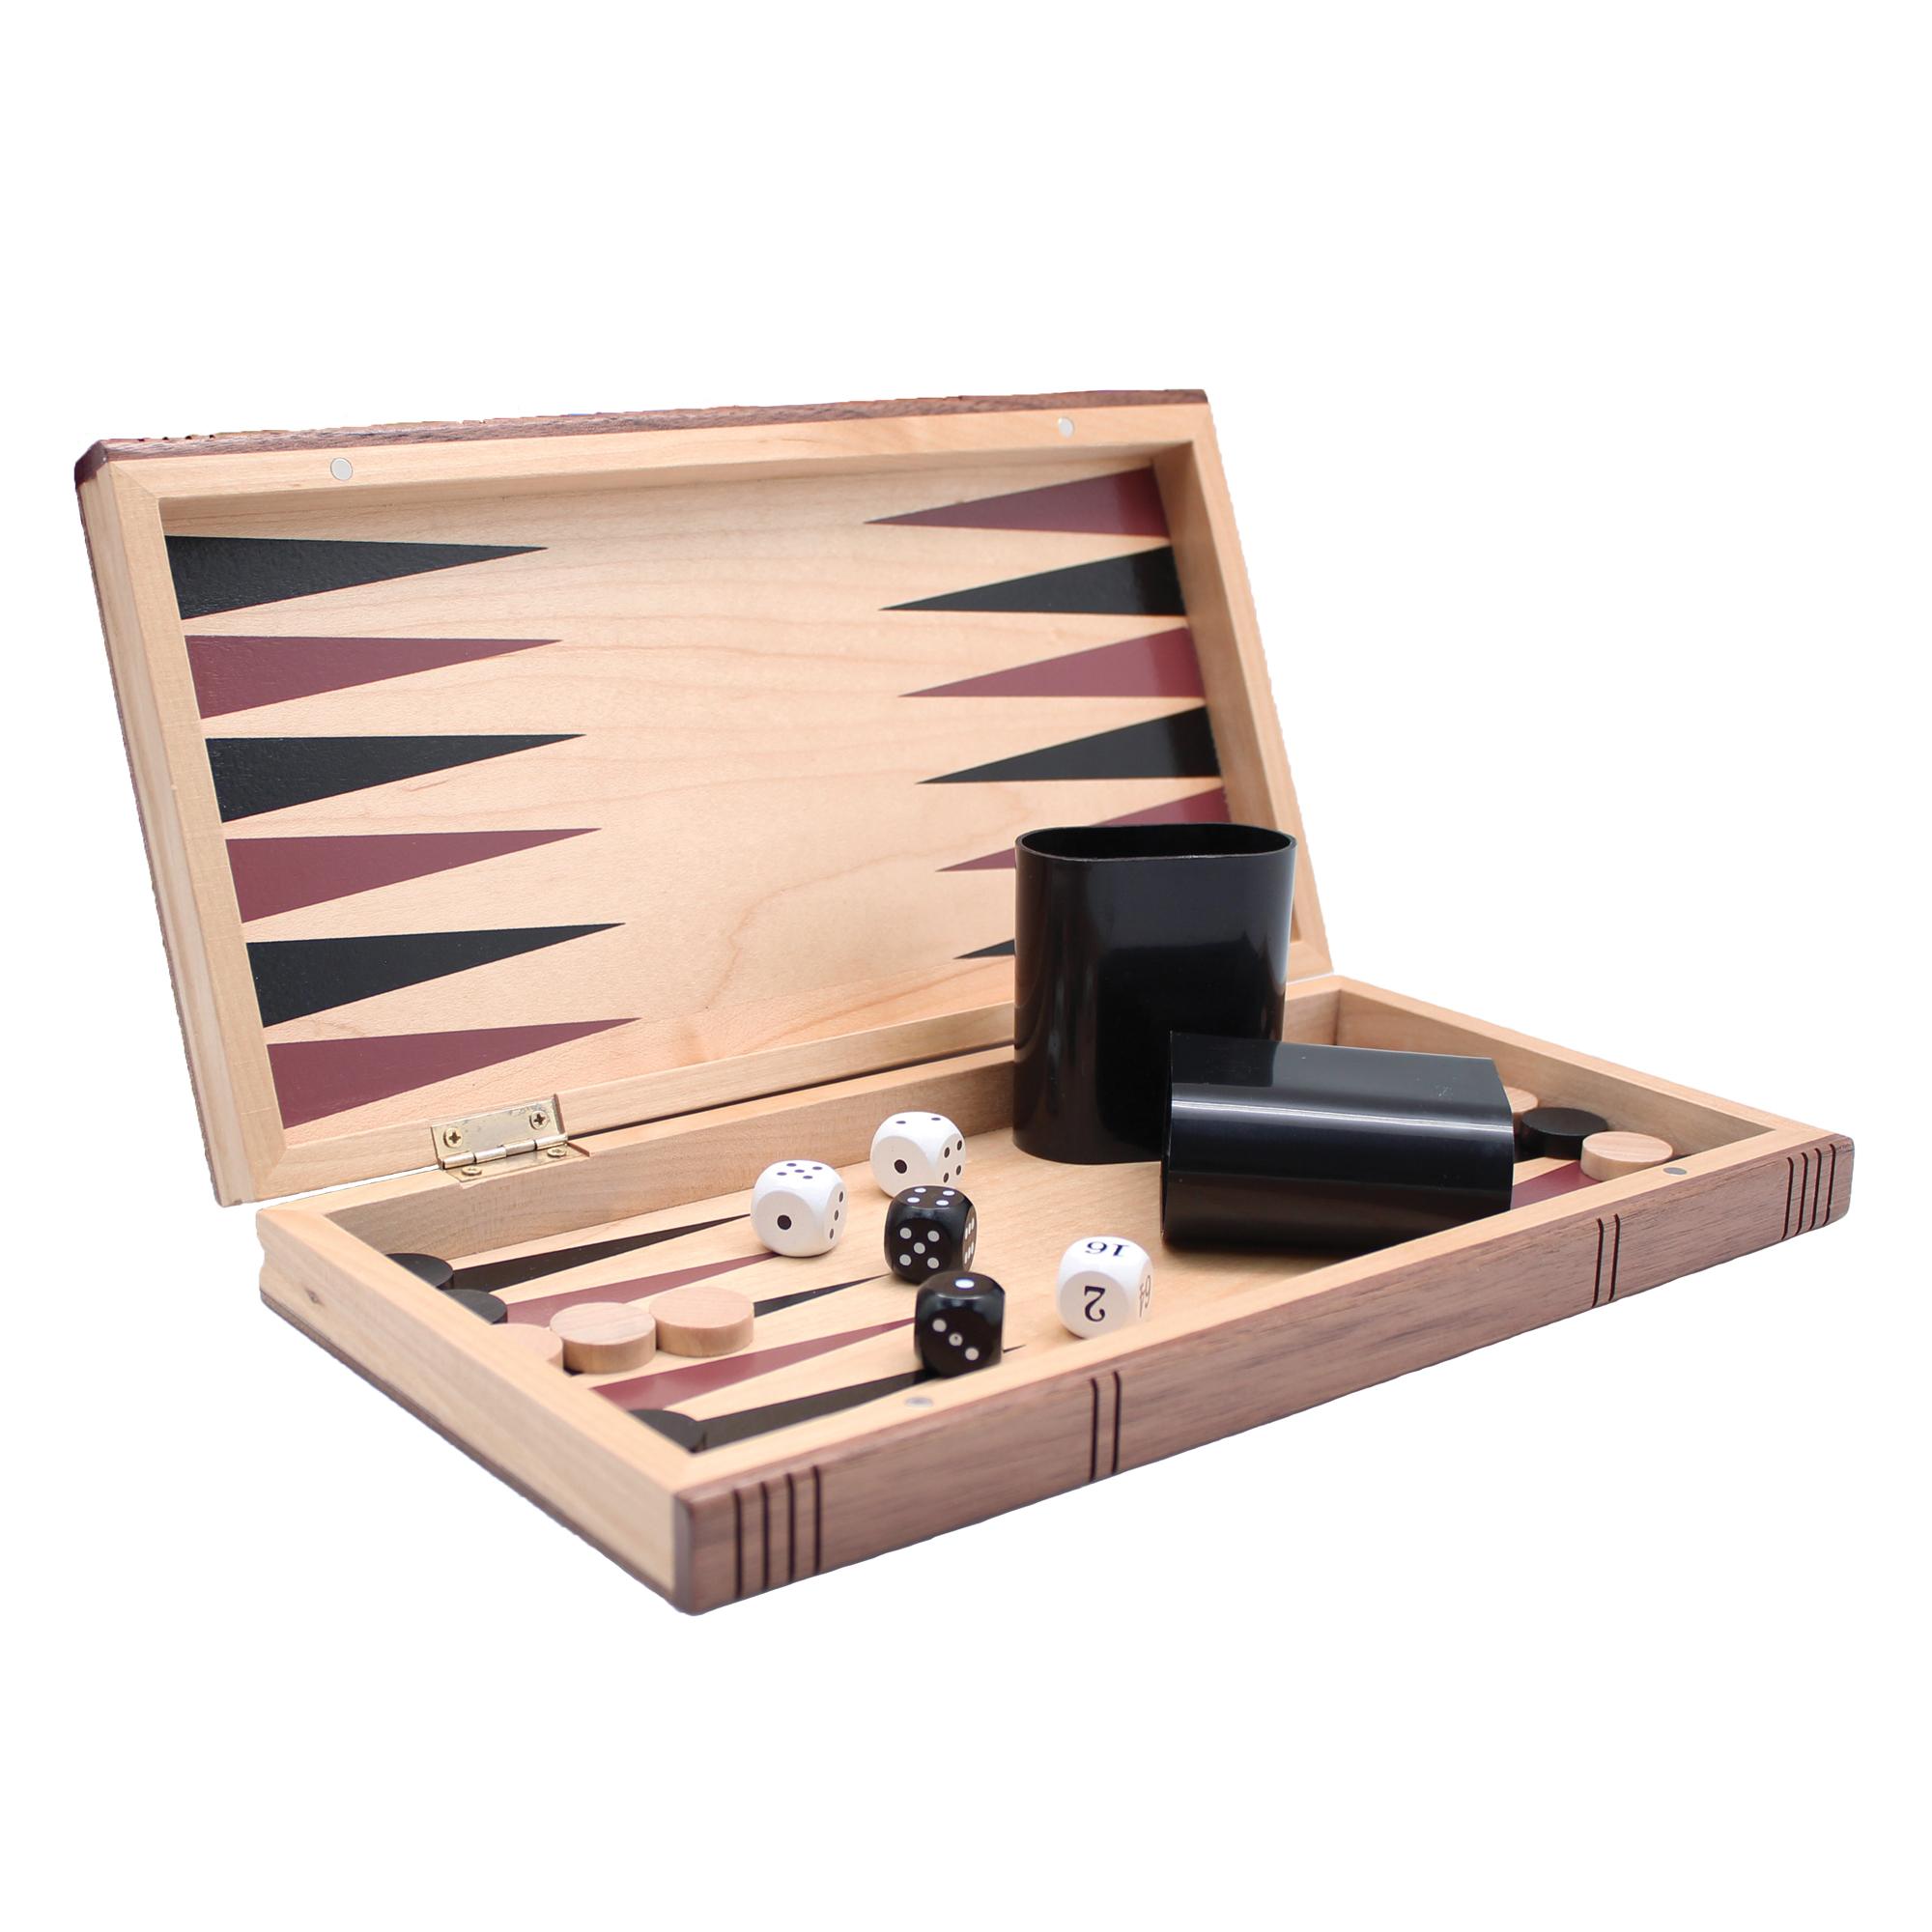 ChessCheckersBack-Backgammon2